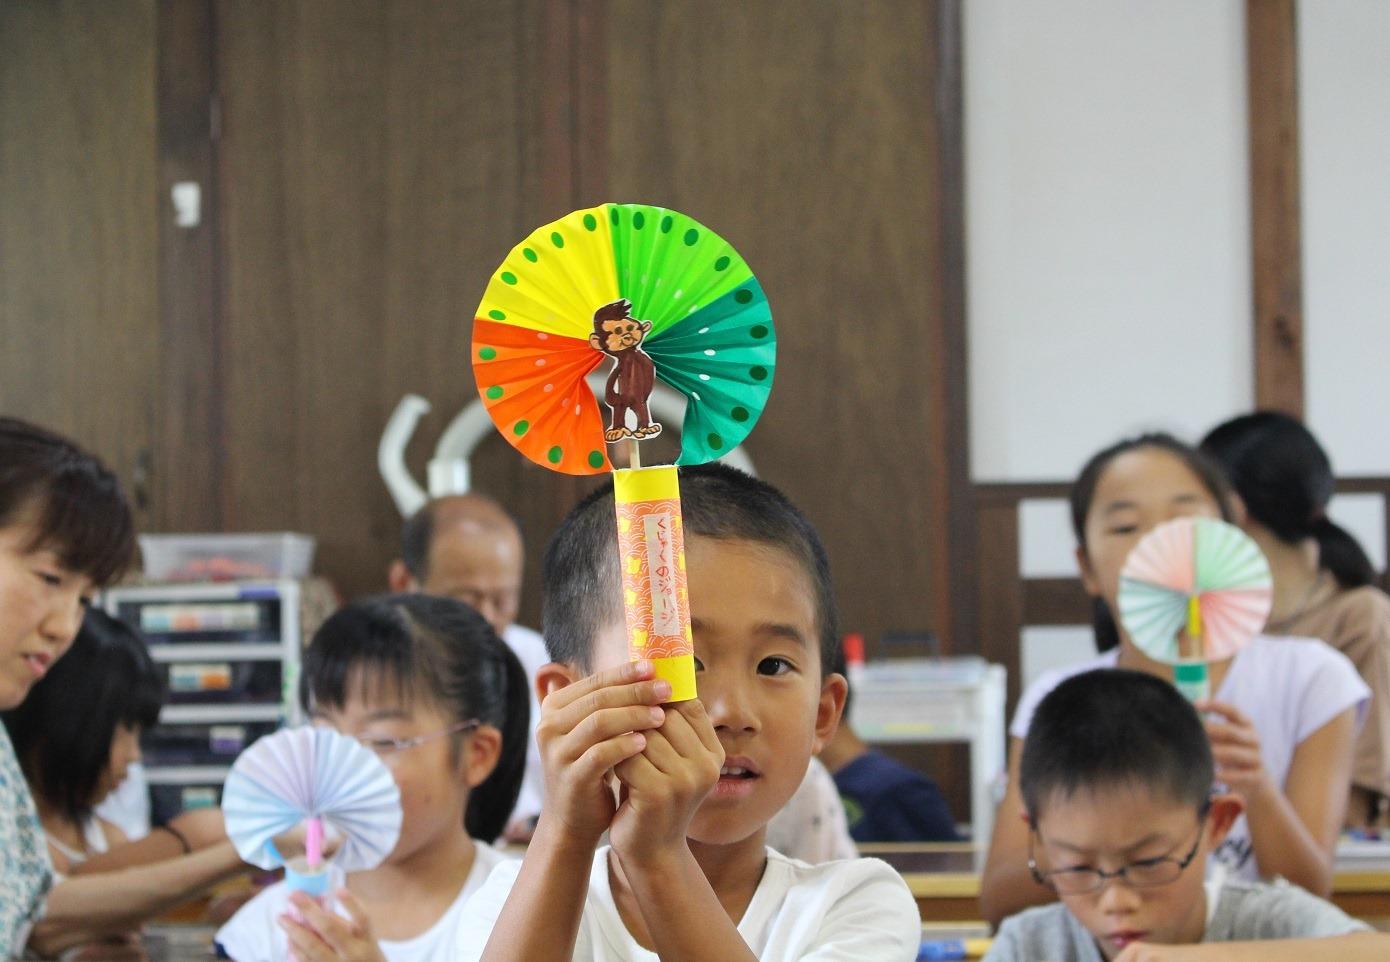 *「夏休みおもちゃ作り教室」風景。江戸時代の人気玩具「御来迎」の仕組みを応用して楽しい玩具が出来ました。